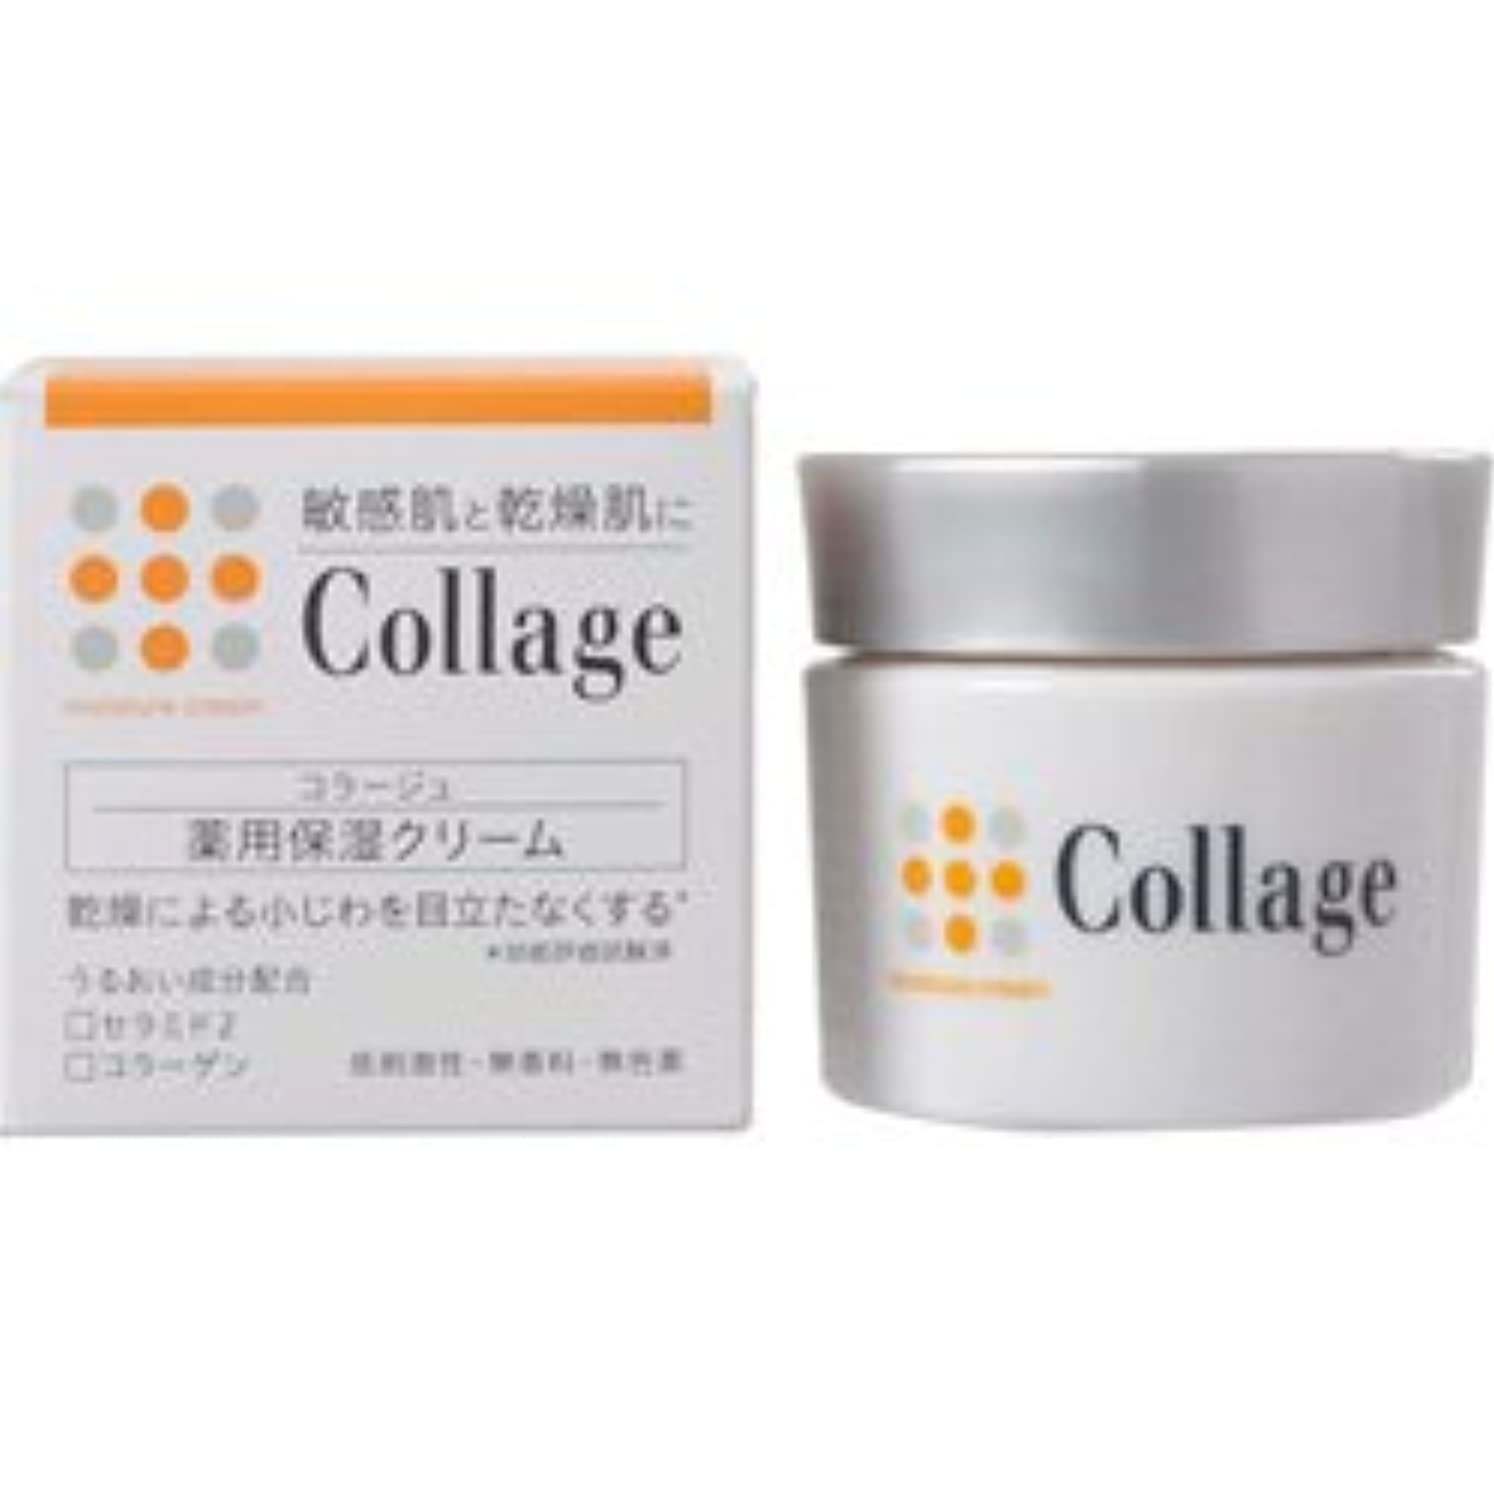 揃える谷解放【持田ヘルスケア】 コラージュ薬用保湿クリーム 30g (医薬部外品) ×3個セット